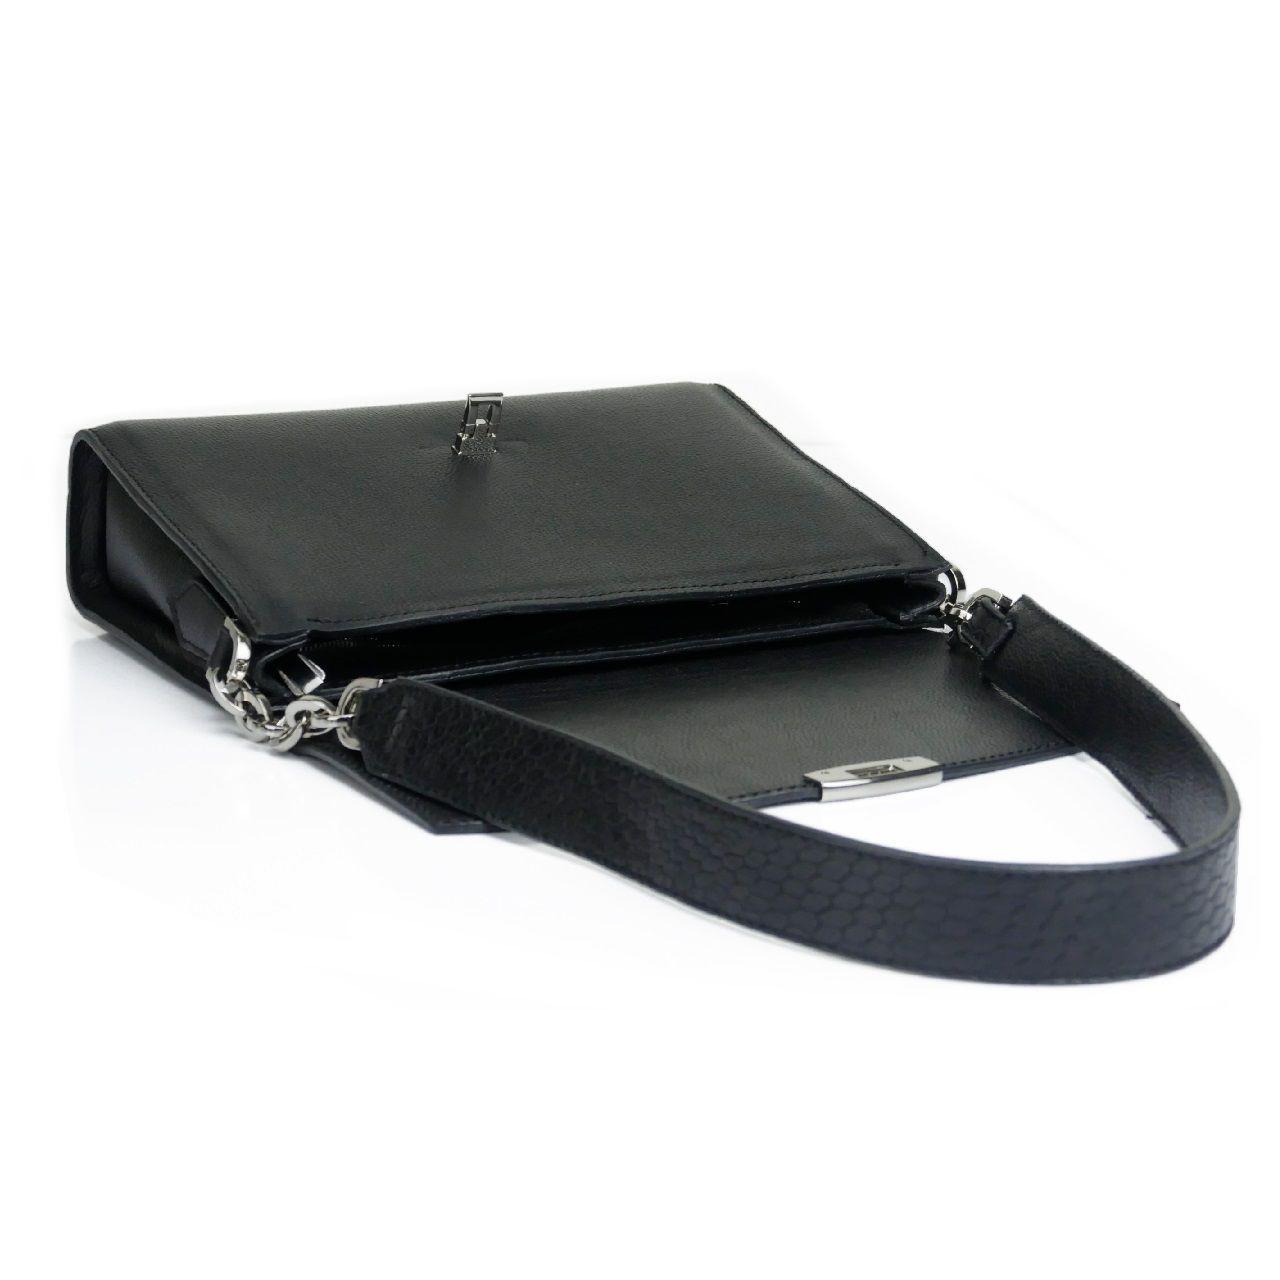 کیف دوشی زنانه وانیک مدل 132b-2020 -  - 4